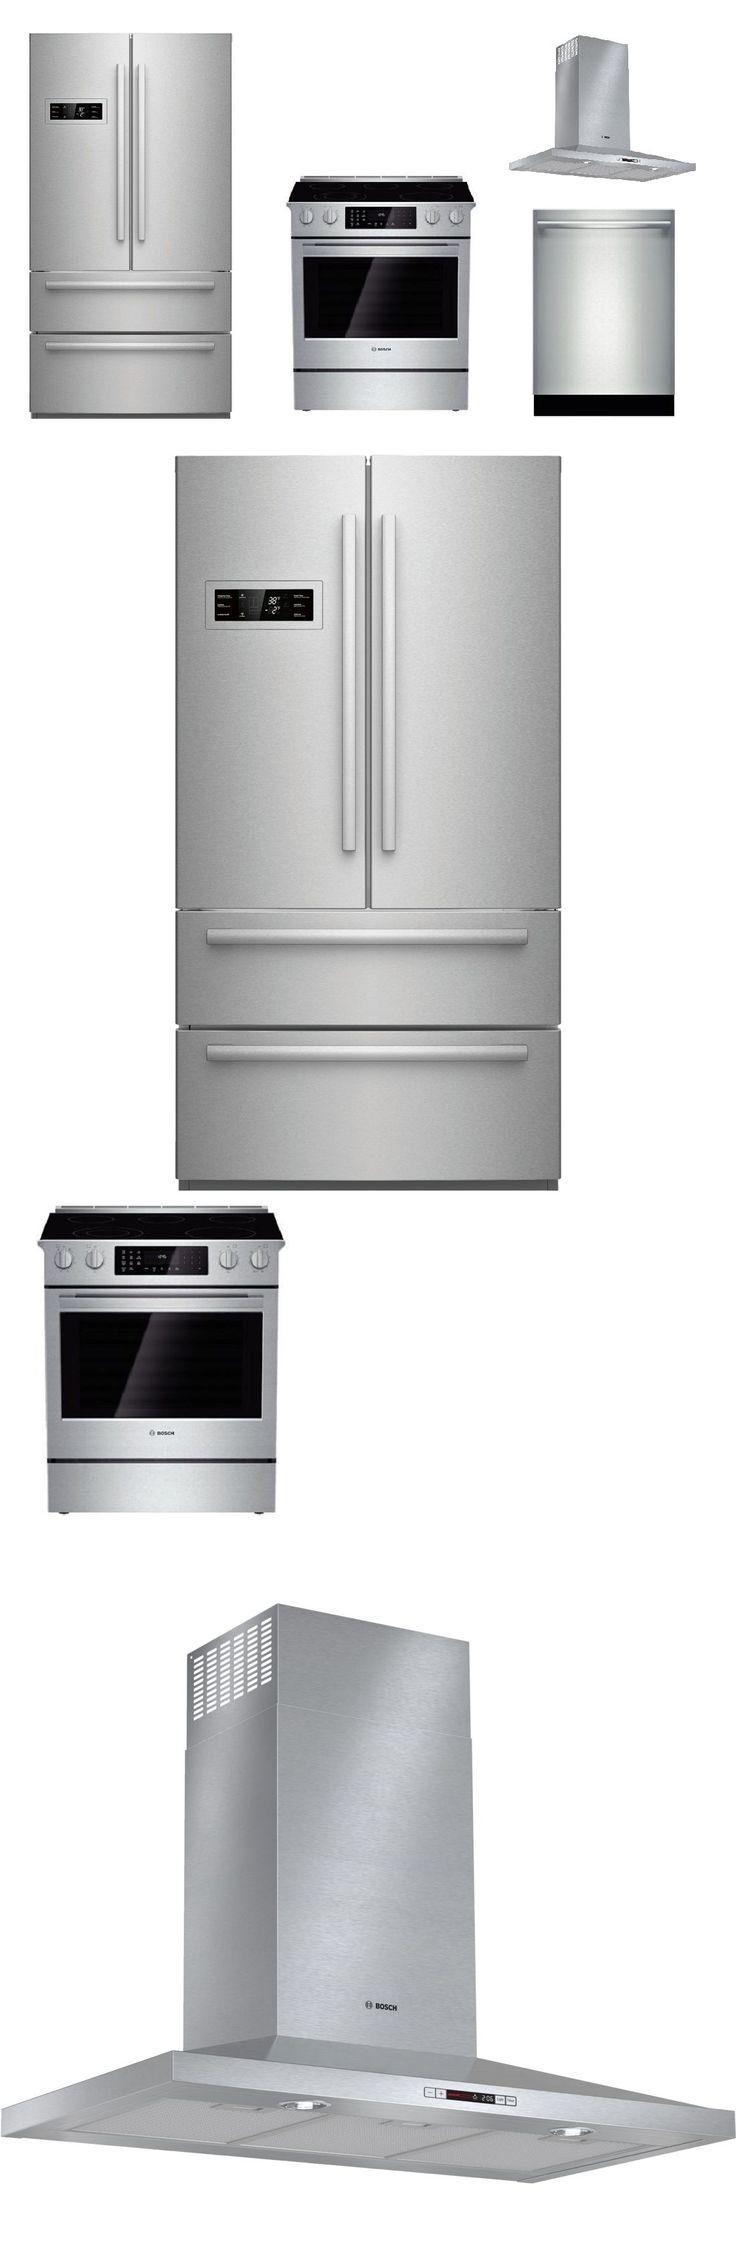 Upscale Kitchen Appliances 17 Best Ideas About Bosch Kitchen Appliances On Pinterest Bosch